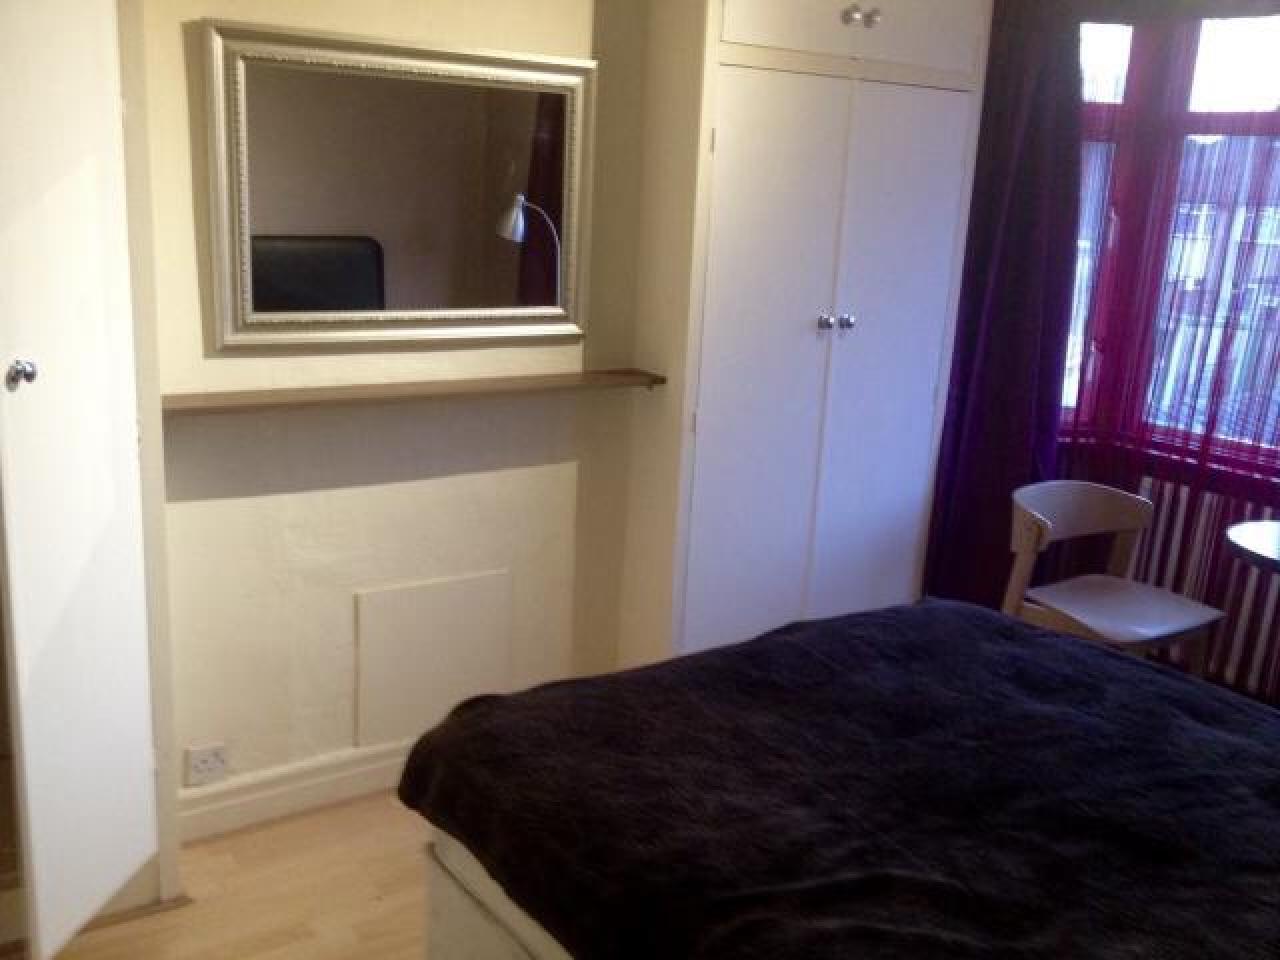 Double room £120 - 2